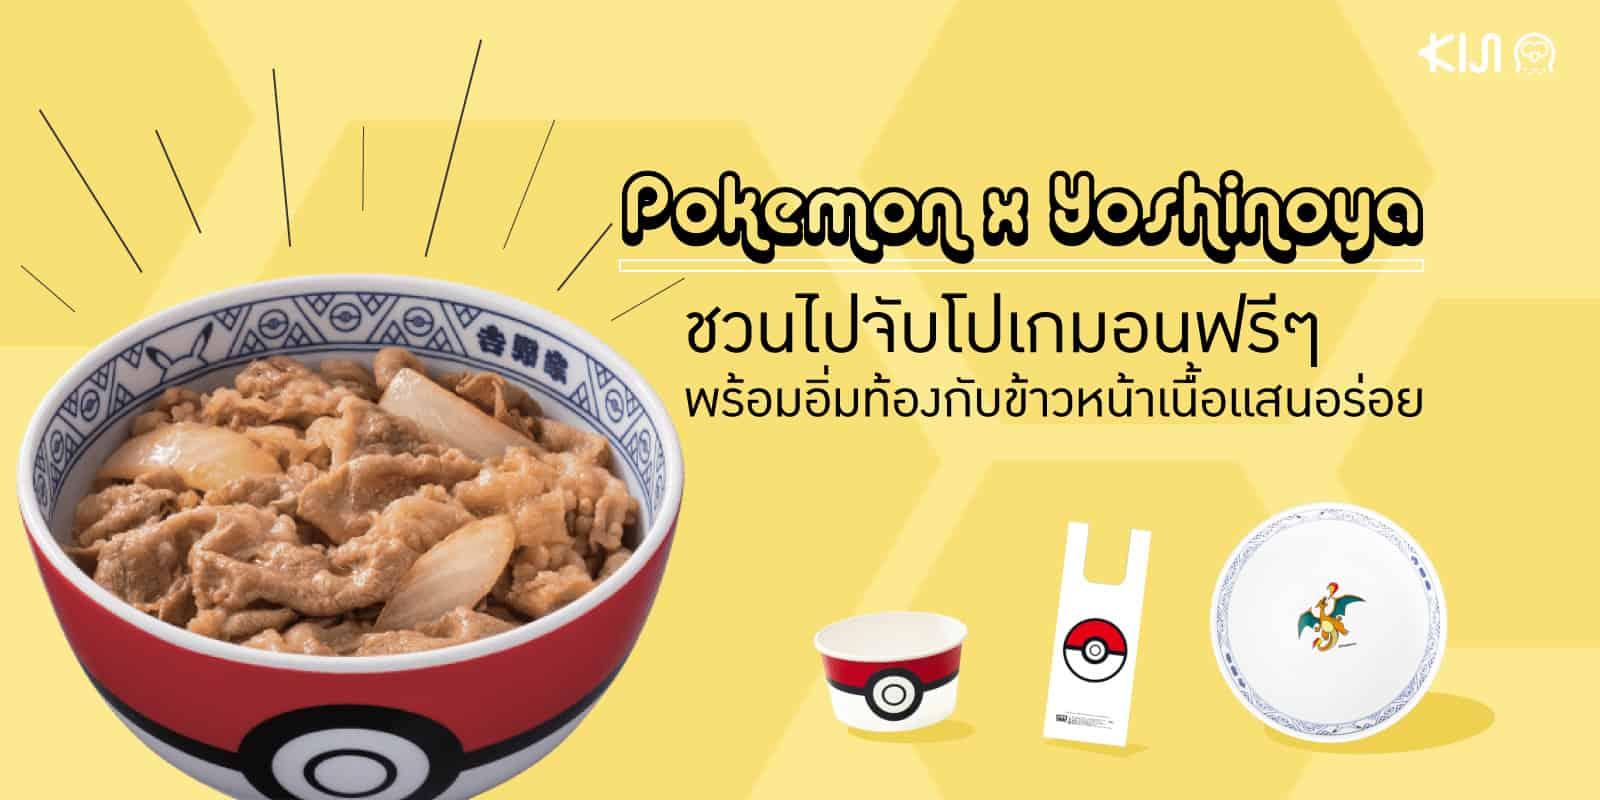 Pokemon x Yoshinoya โยชิโนยะ โปเกมอน